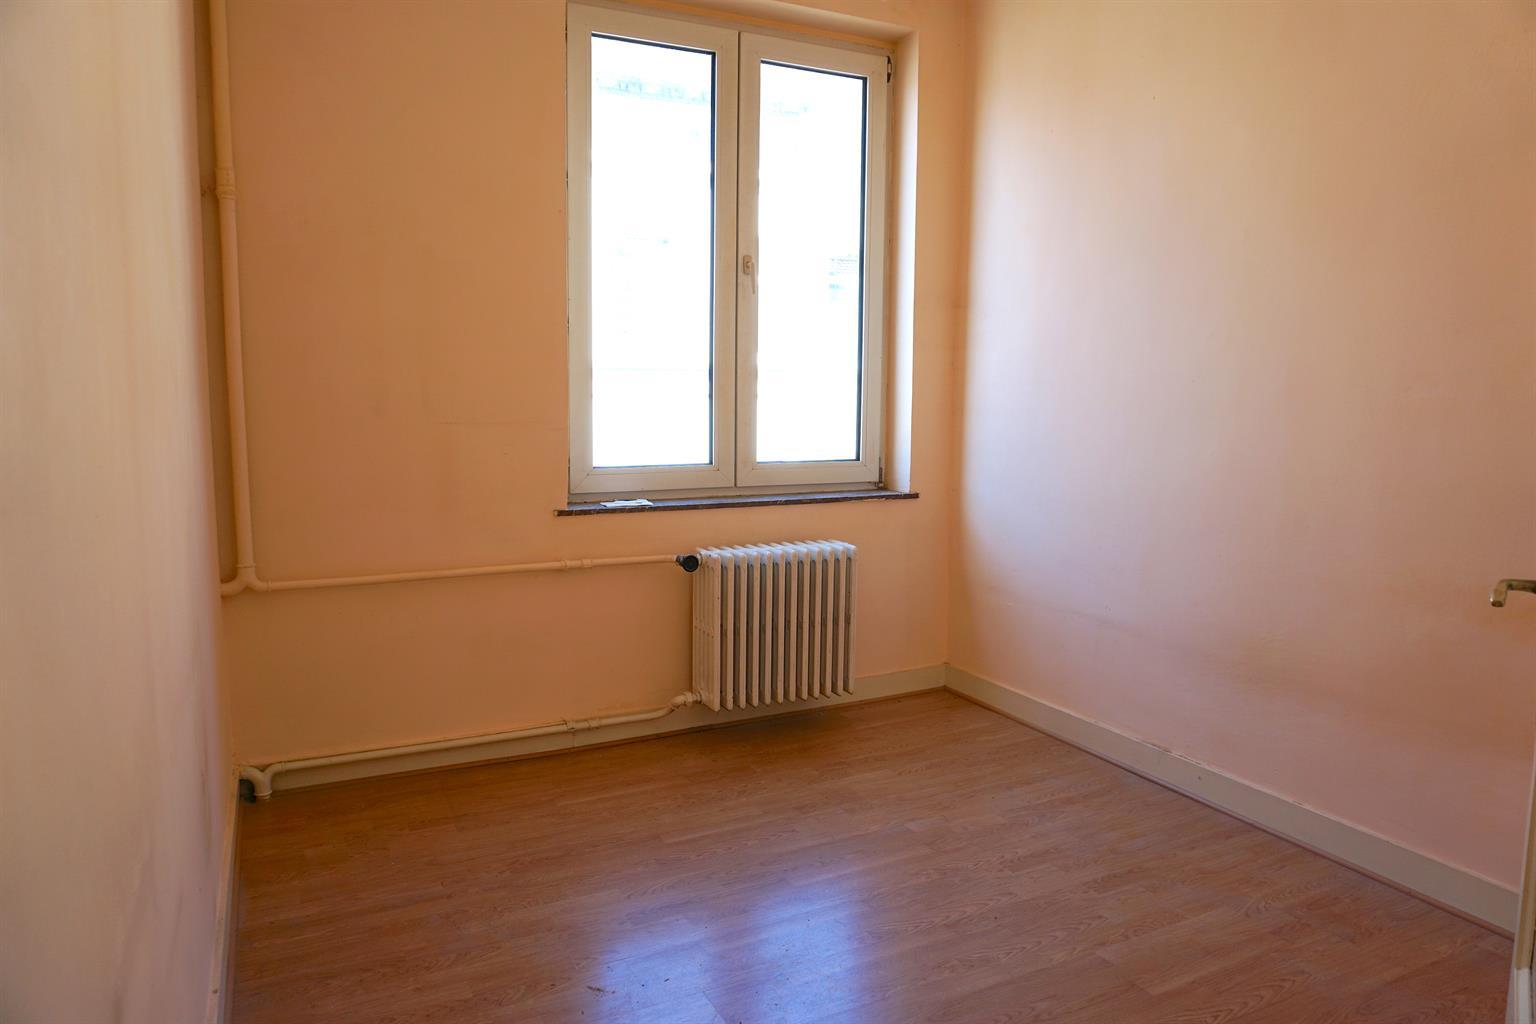 Appartement - Schaerbeek - #3840904-4